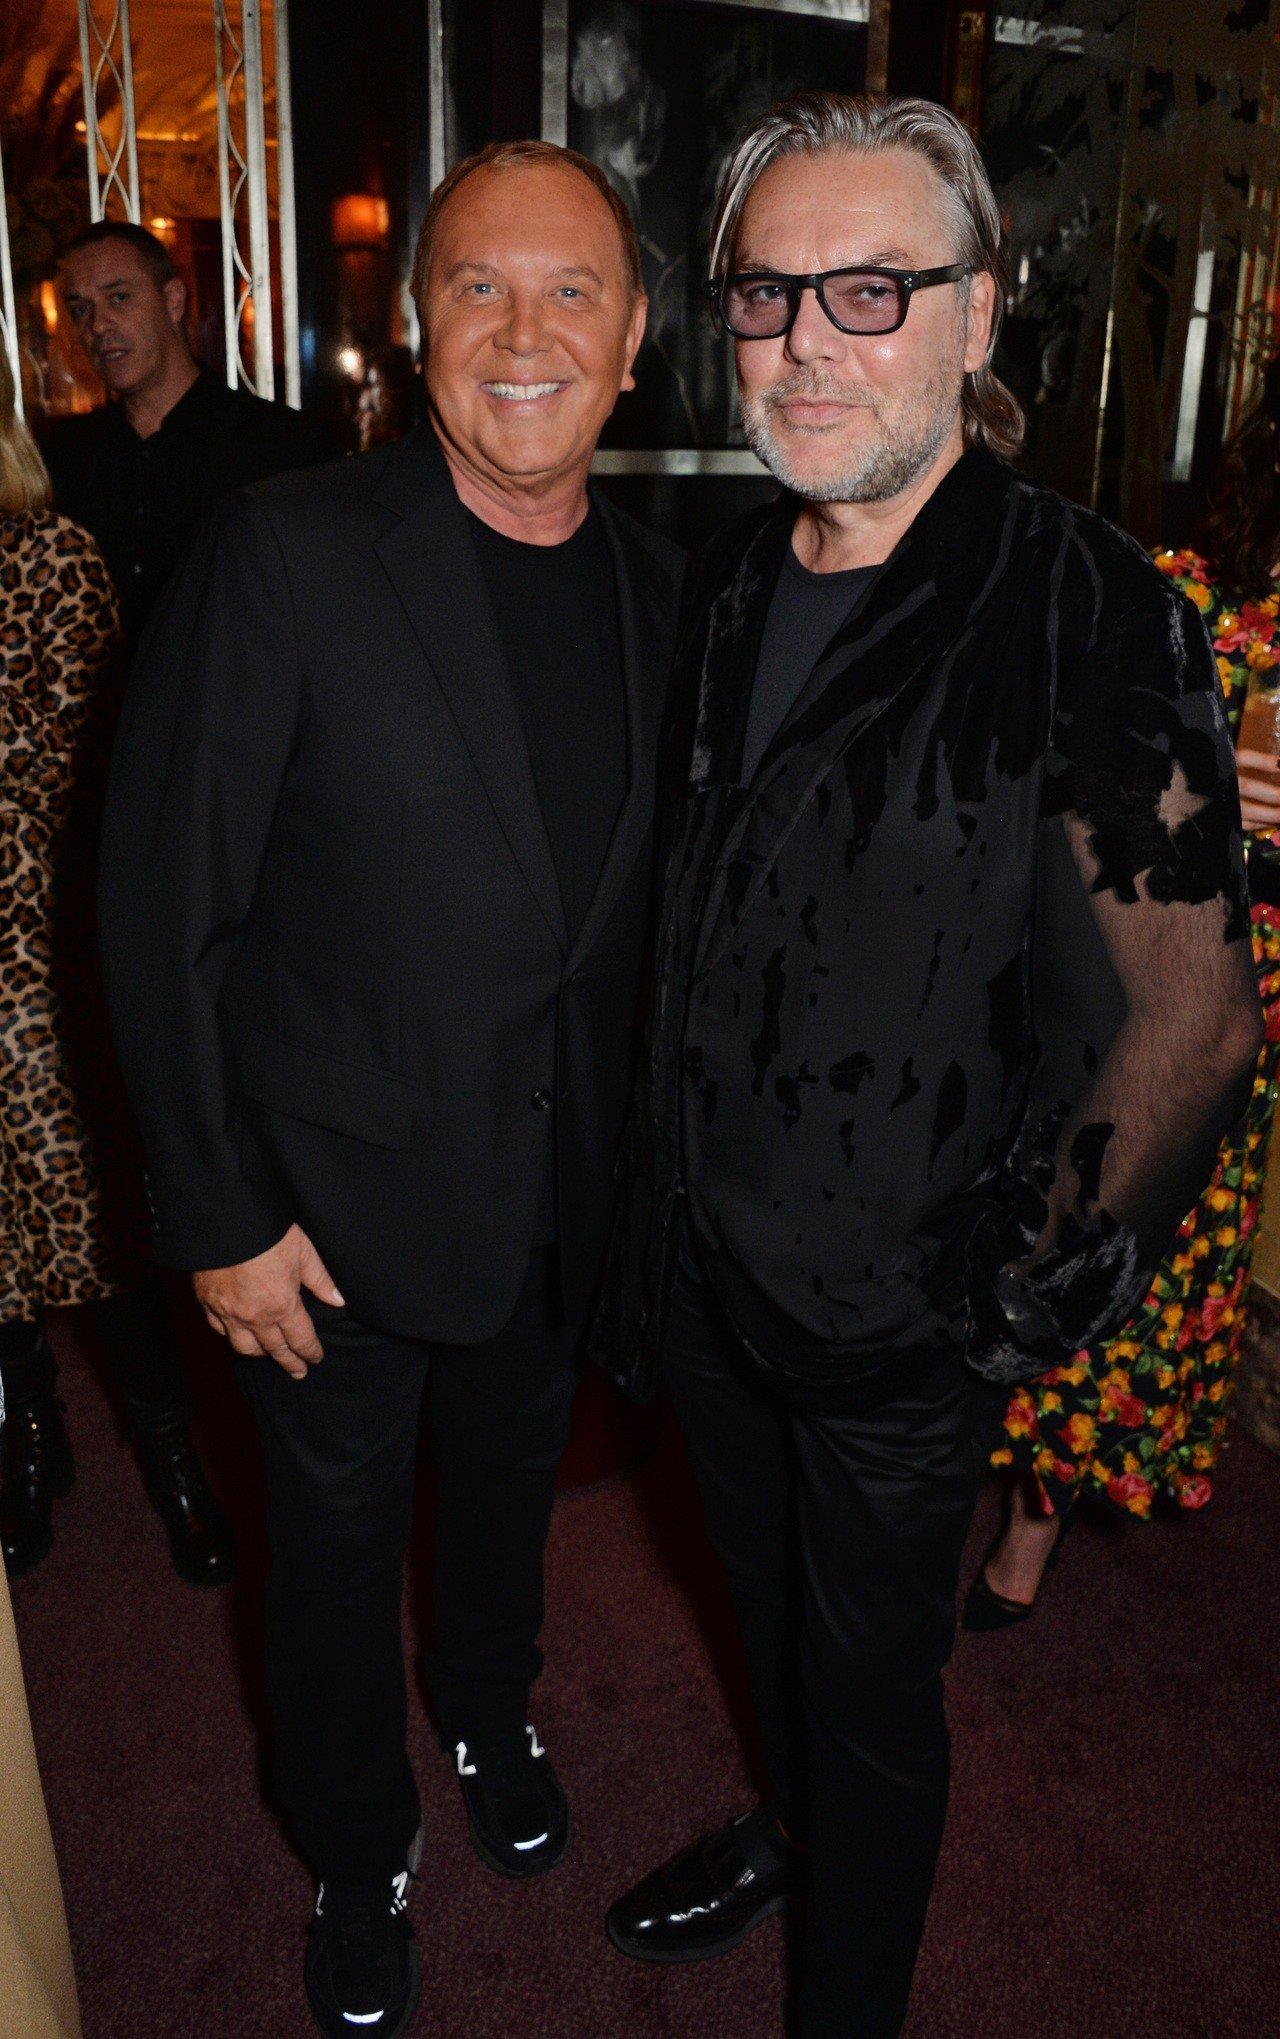 設計師Michael Kors與時尚藝術家David Downton出席倫敦的派...